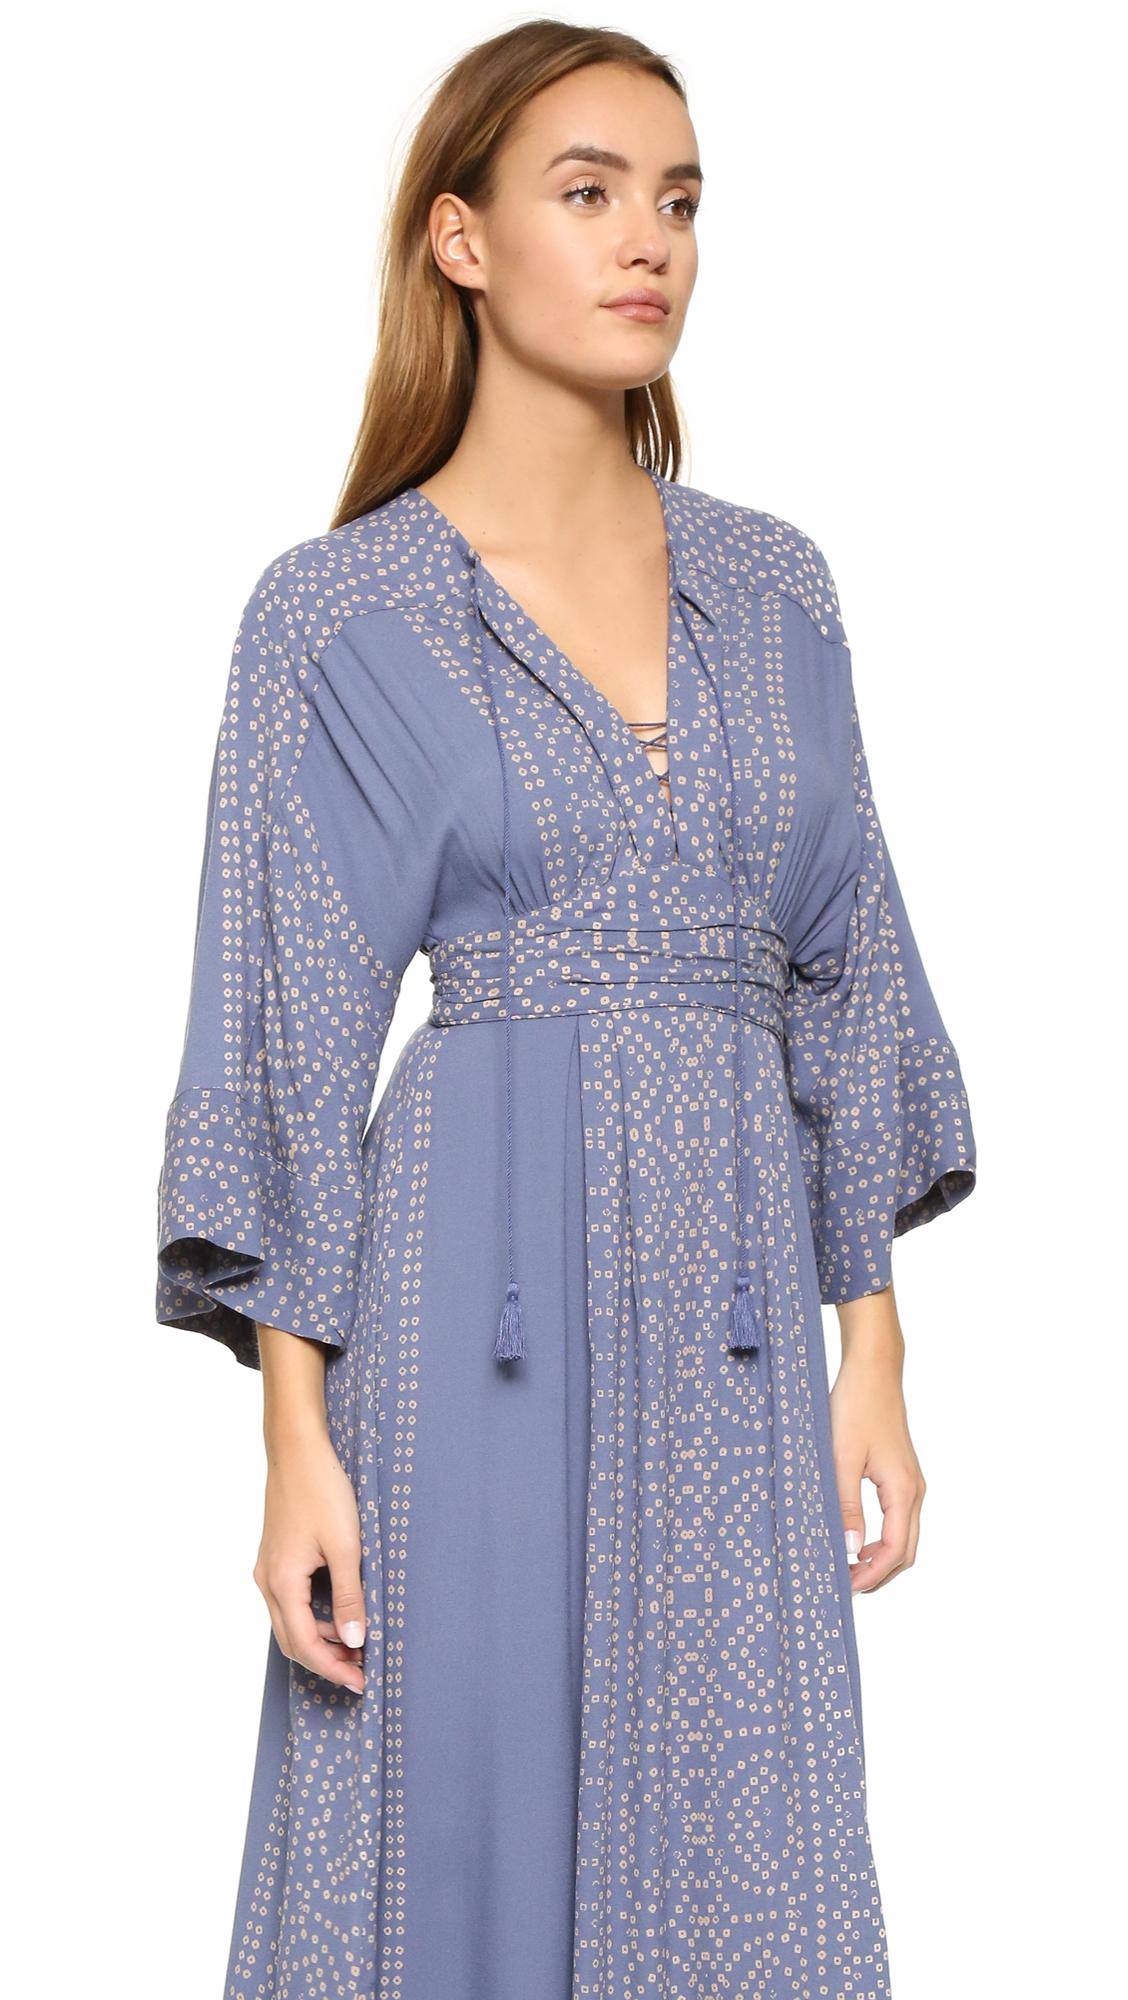 b1c89241bde4 Free People Modern Kimono Maxi Dress